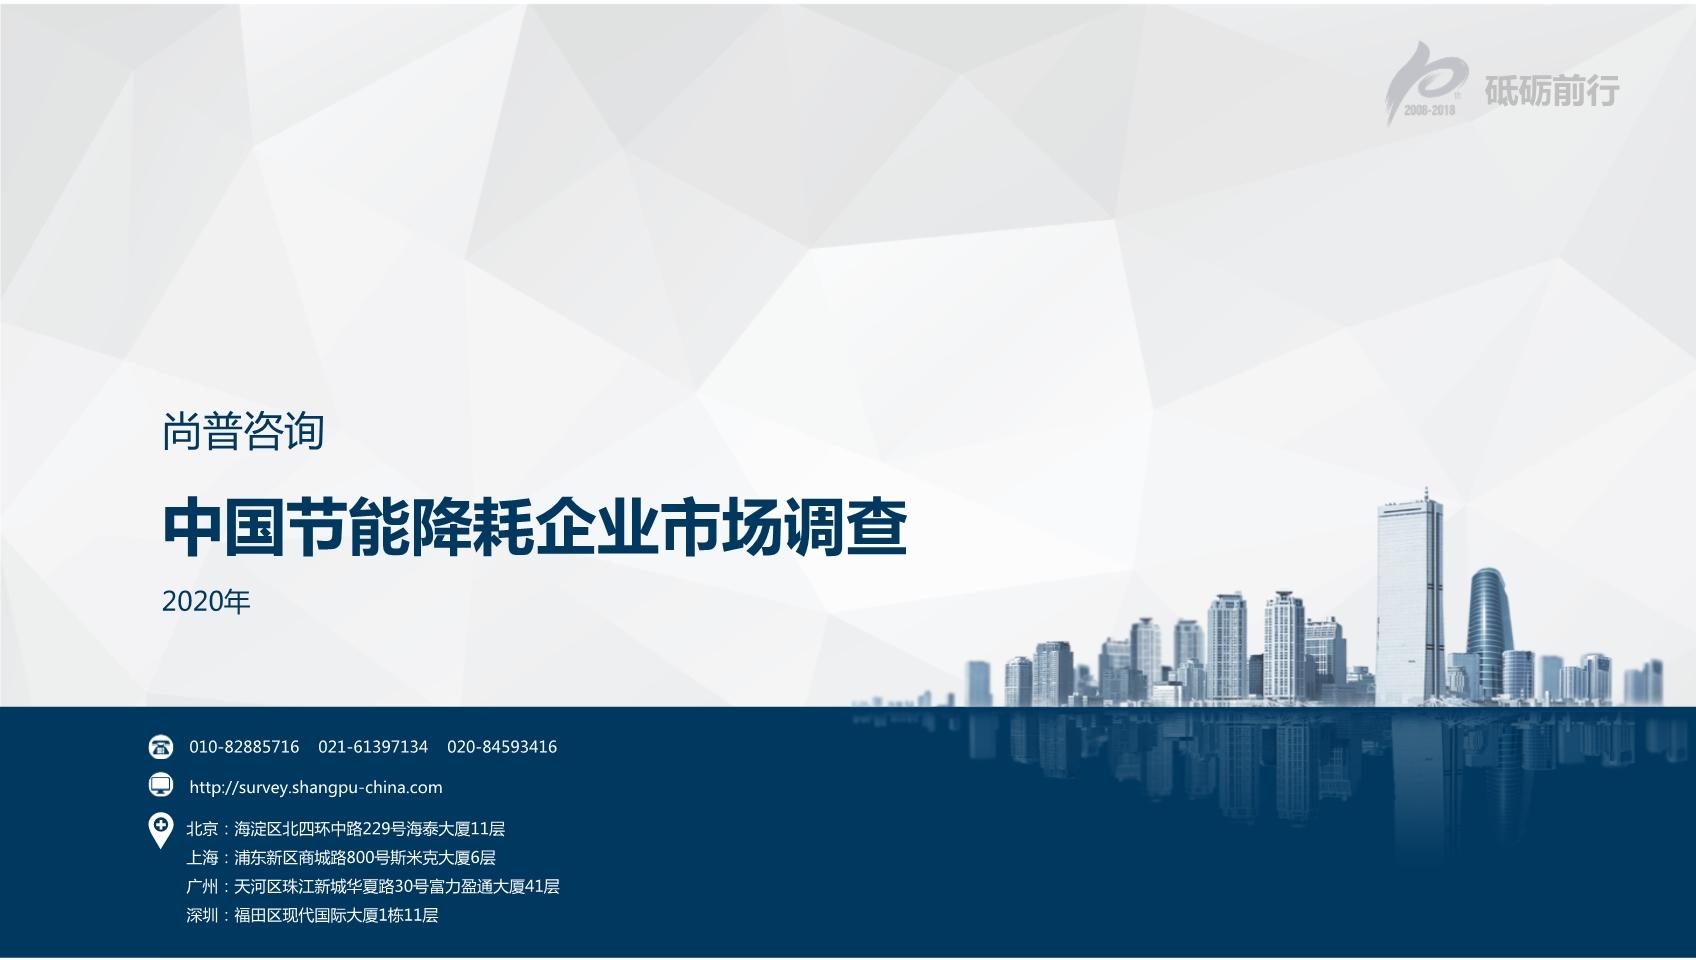 尚普咨询:2020年中国节能降耗企业市场调查